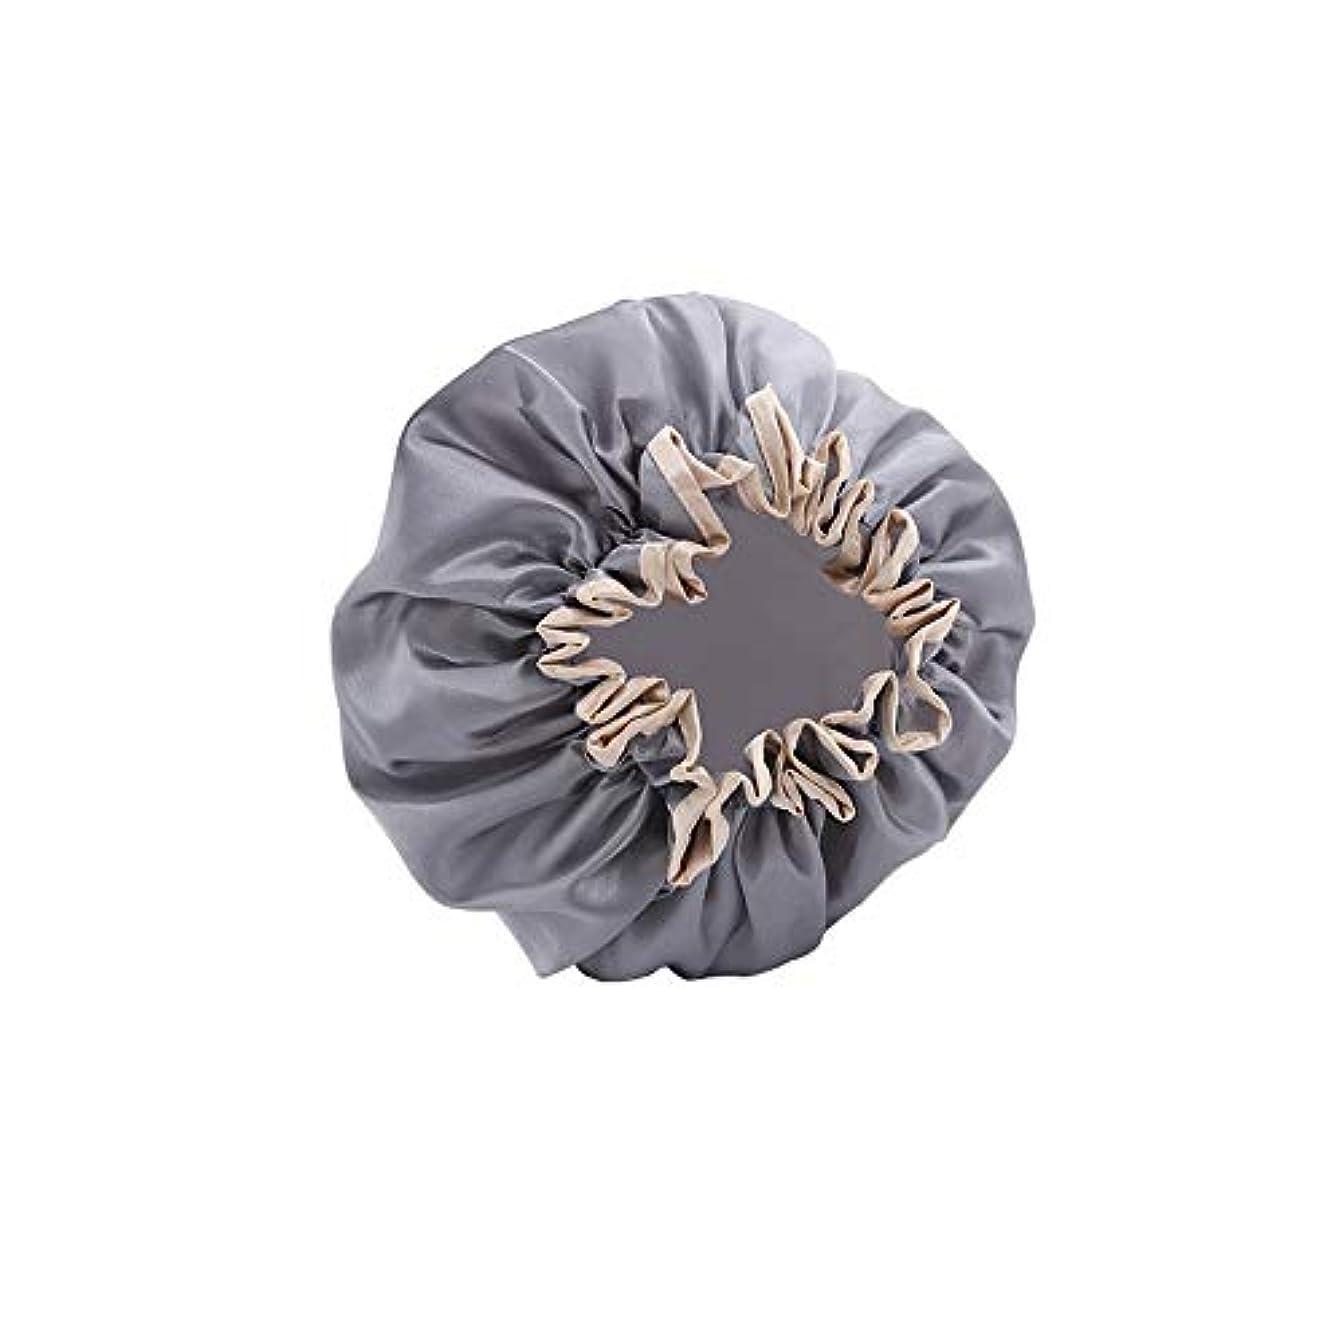 大いにコントローラトランジスタYushulinfeng ダブル防水シャワーキャップシャワーキャップ髪のセット大人女性シャワーキャップアンチ煙髪キャップ入浴髪のセットの快適なシャワーキャップシャンプーキャップ (Color : Gray)